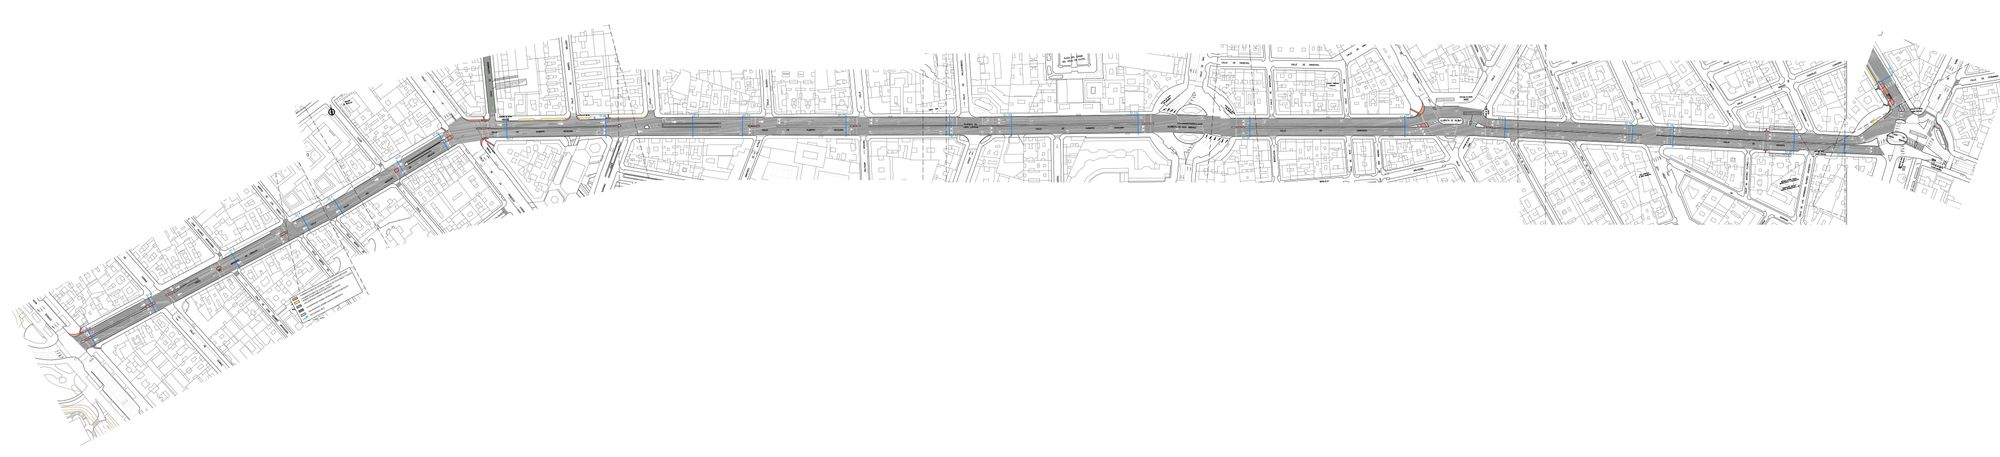 Planta completa del proyecto entre Marqués de Urquijo y Alonso Martínez (pincha para ampliar)